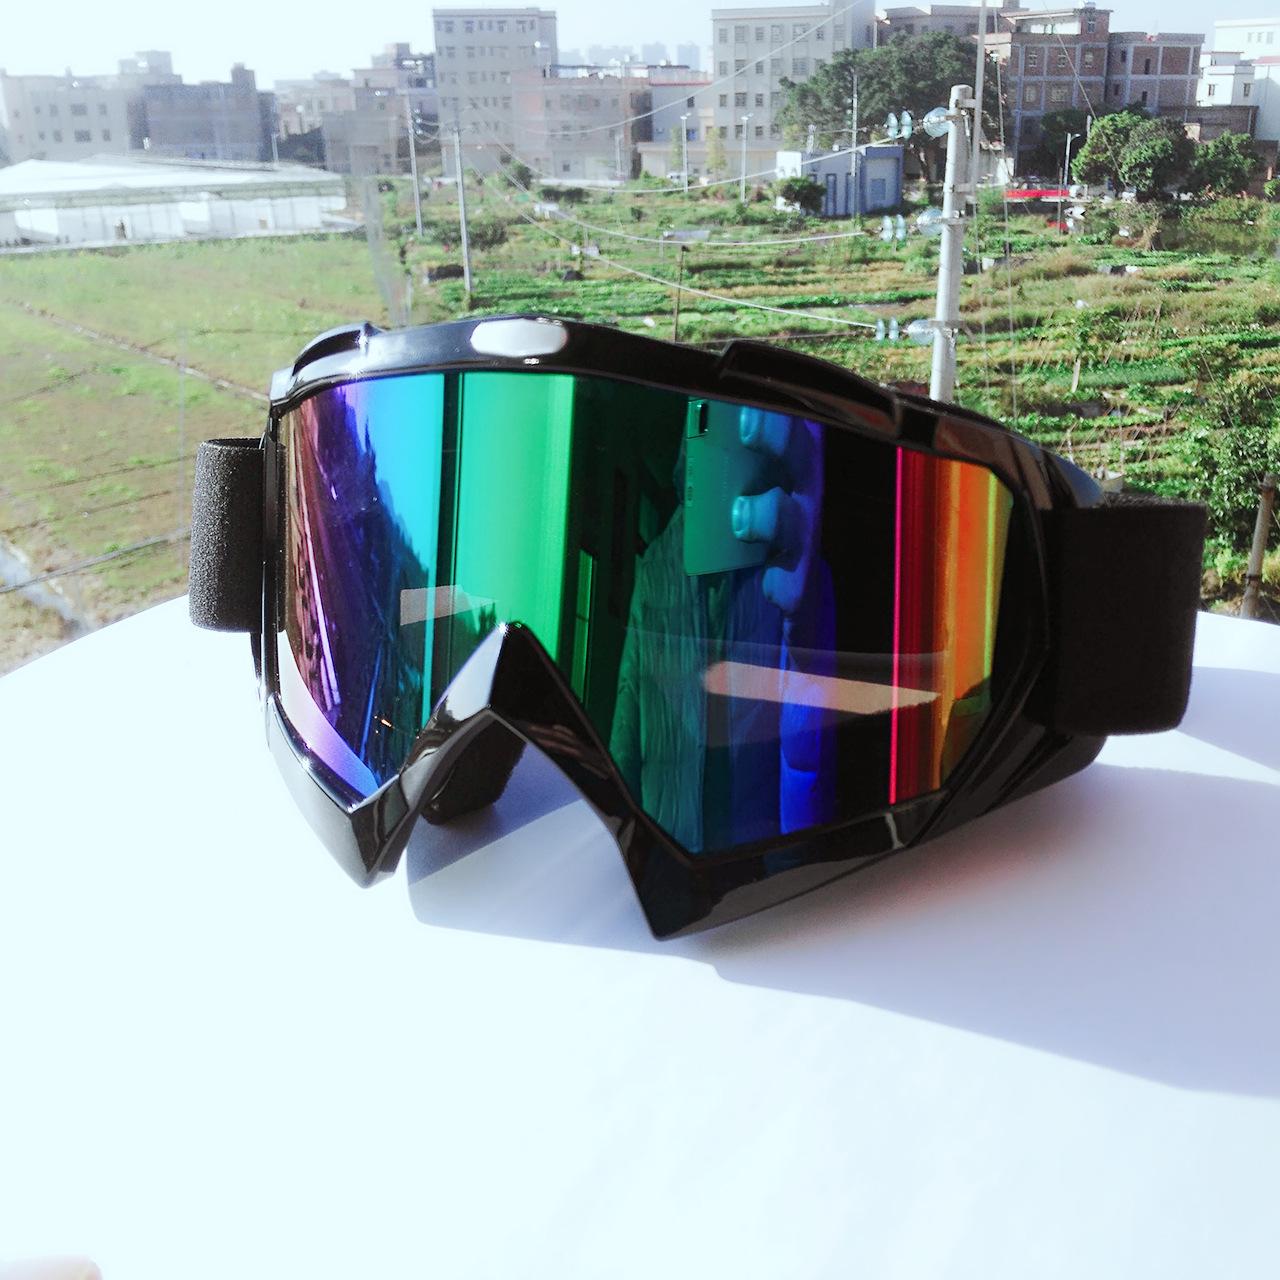 防风眼镜 抗扭曲抗摔护目镜 防尘摩托车越野风镜 滑雪风